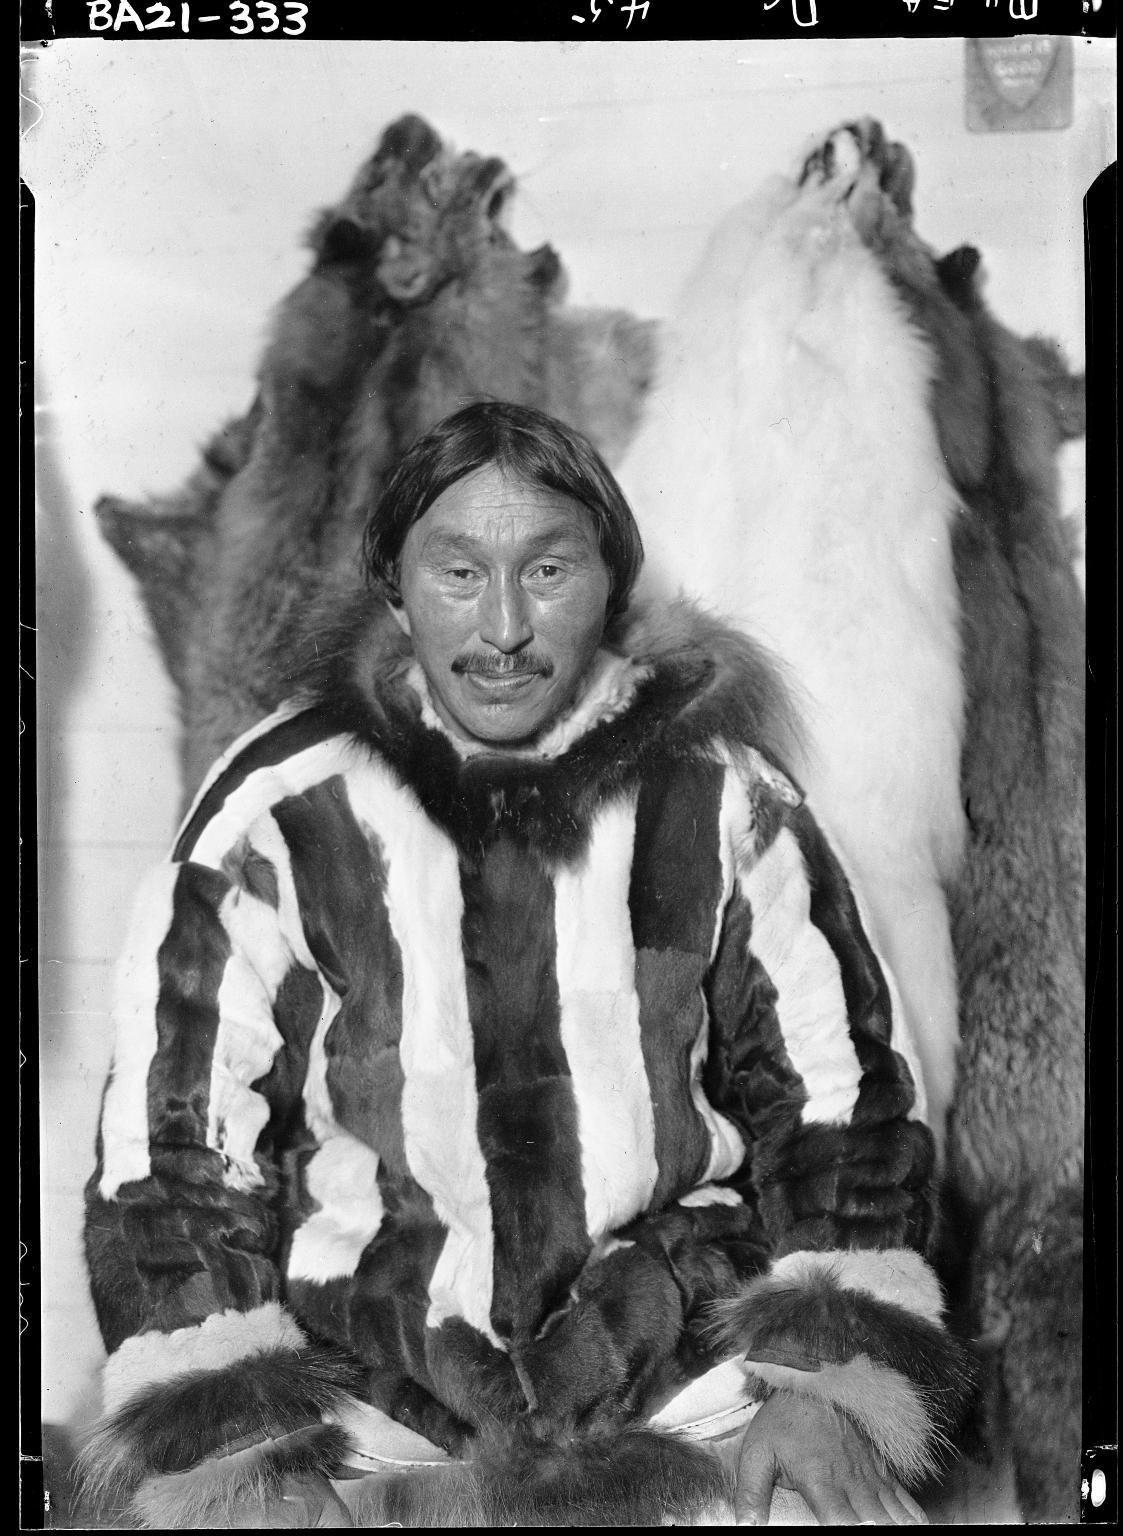 Waluk, hunter at Wainwright